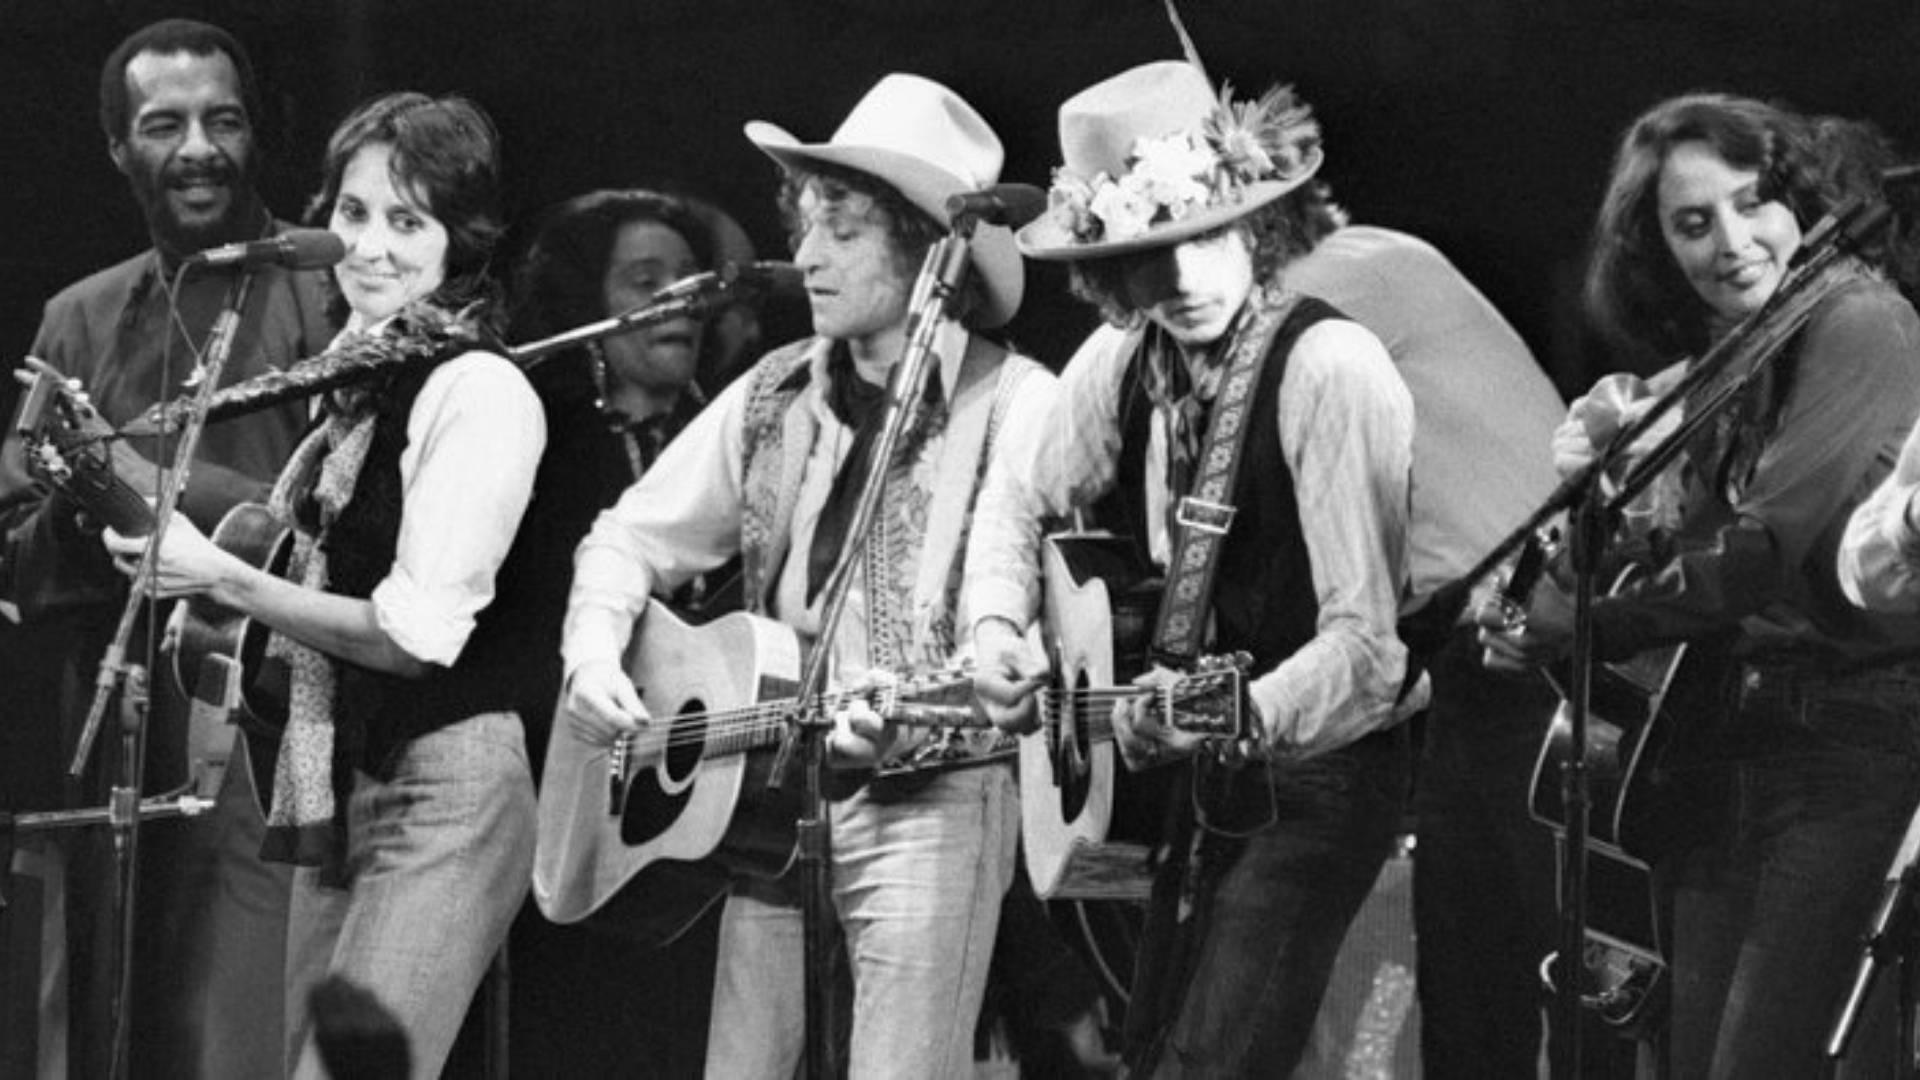 Müzik Tarihine Damga Vuracak Bob Dylan Belgeseli Geliyor